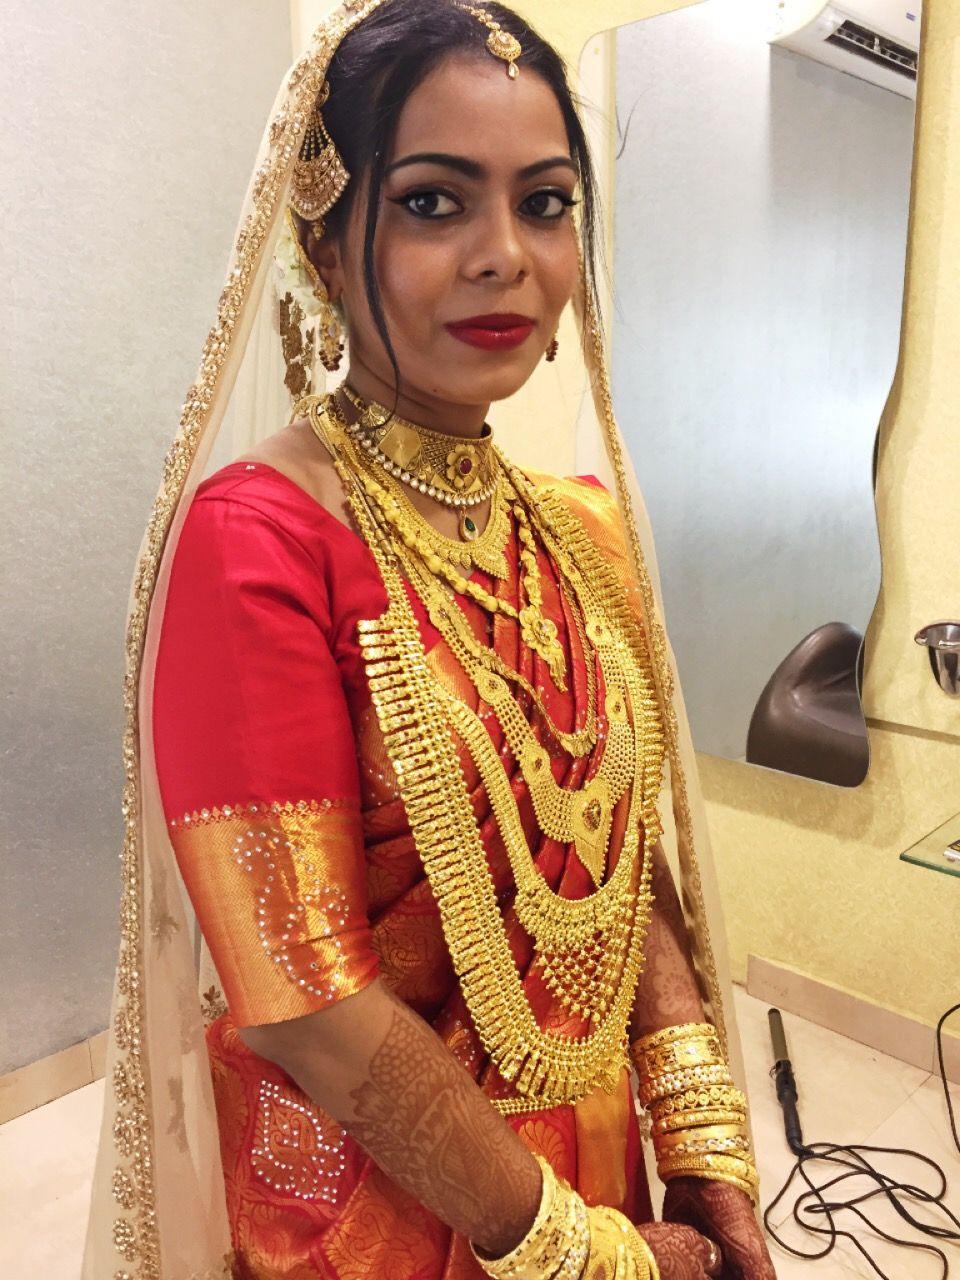 #south Indian bride #malyalee bride #kerala bride #muslim